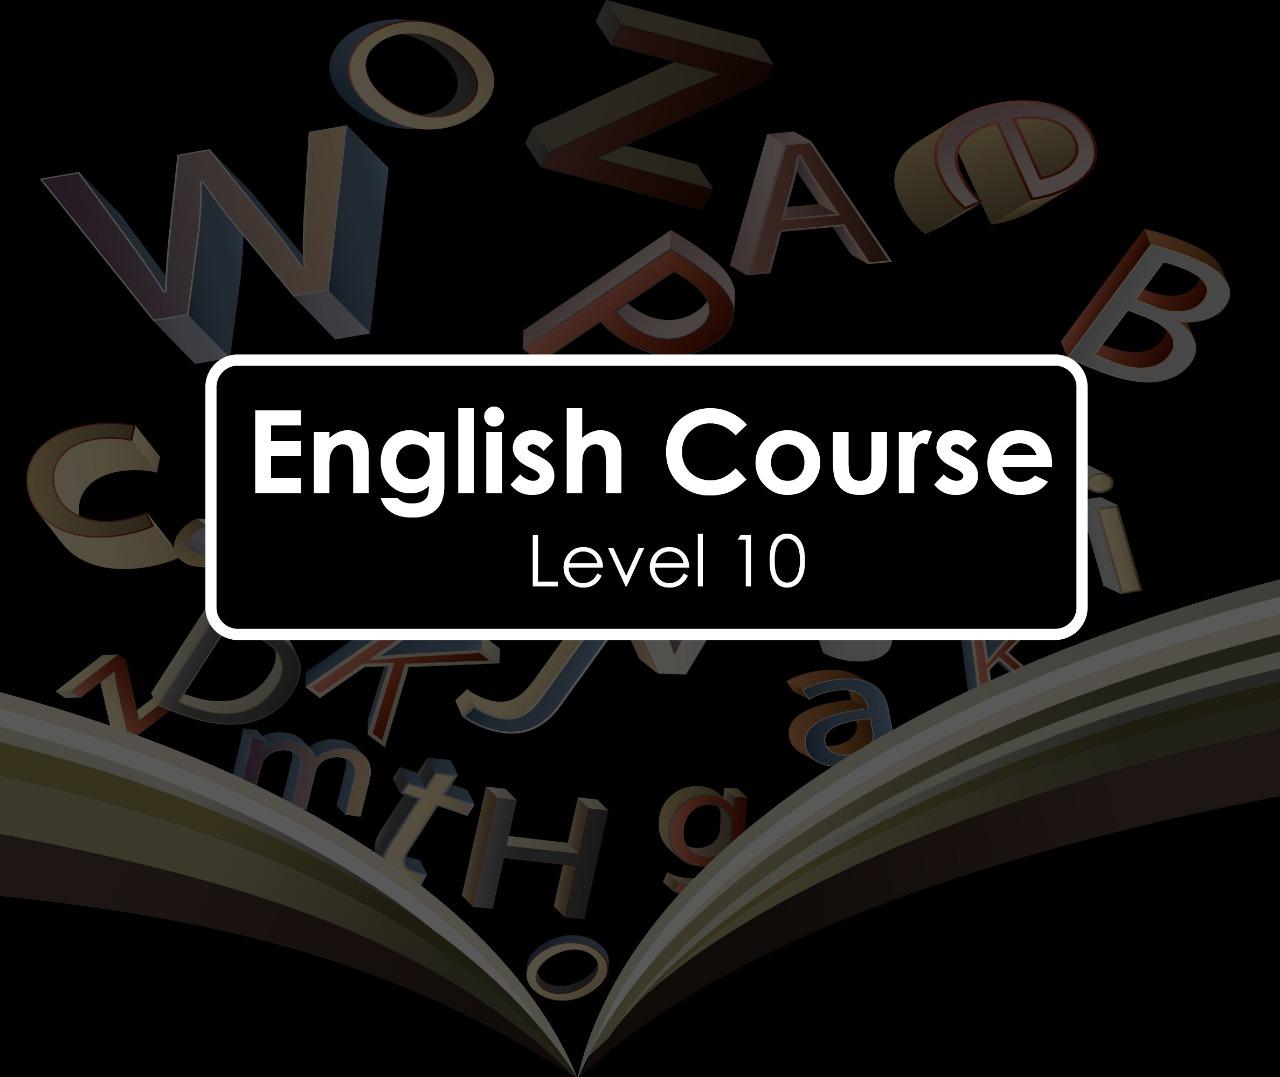 English level 10